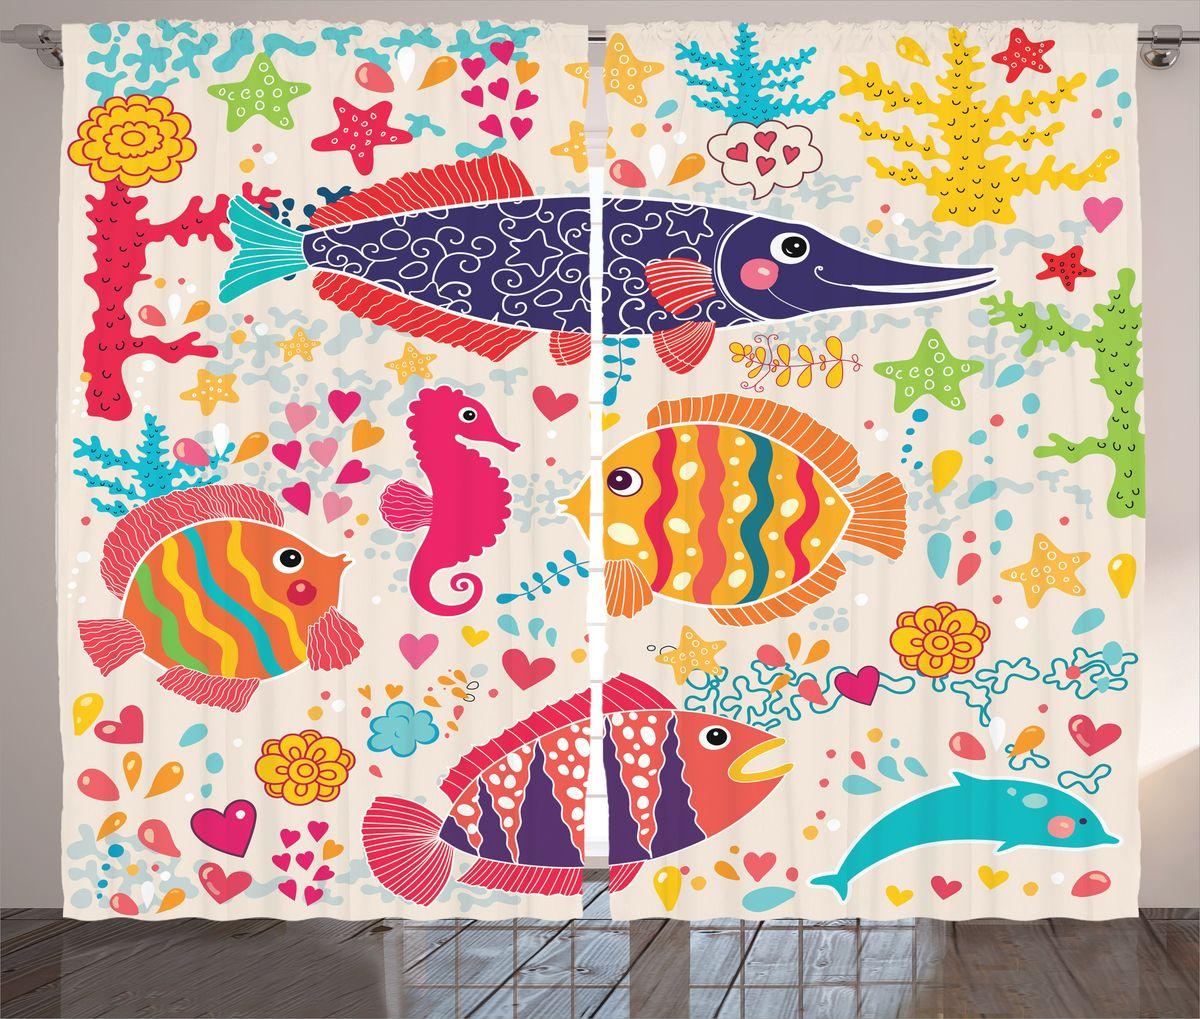 Комплект фотоштор Magic Lady Влюбленные рыбки, на ленте, высота 265 см. шсг_17279шсг_16215Компания Сэмболь изготавливает шторы из высококачественного сатена (полиэстер 100%). При изготовлении используются специальные гипоаллергенные чернила для прямой печати по ткани, безопасные для человека и животных. Экологичность продукции Magic lady и безопасность для окружающей среды подтверждены сертификатом Oeko-Tex Standard 100. Крепление: крючки для крепления на шторной ленте (50 шт). Возможно крепление на трубу. Внимание! При нанесении сублимационной печати на ткань технологическим методом при температуре 240°С, возможно отклонение полученных размеров (указанных на этикетке и сайте) от стандартных на + - 3-5 см. Производитель старается максимально точно передать цвета изделия на фотографиях, однако искажения неизбежны и фактический цвет изделия может отличаться от воспринимаемого по фото. Обратите внимание! Шторы изготовлены из полиэстра сатенового переплетения, а не из сатина (хлопок). Размер одного полотна шторы: 145х265 см. В комплекте 2 полотна шторы и 50 крючков.